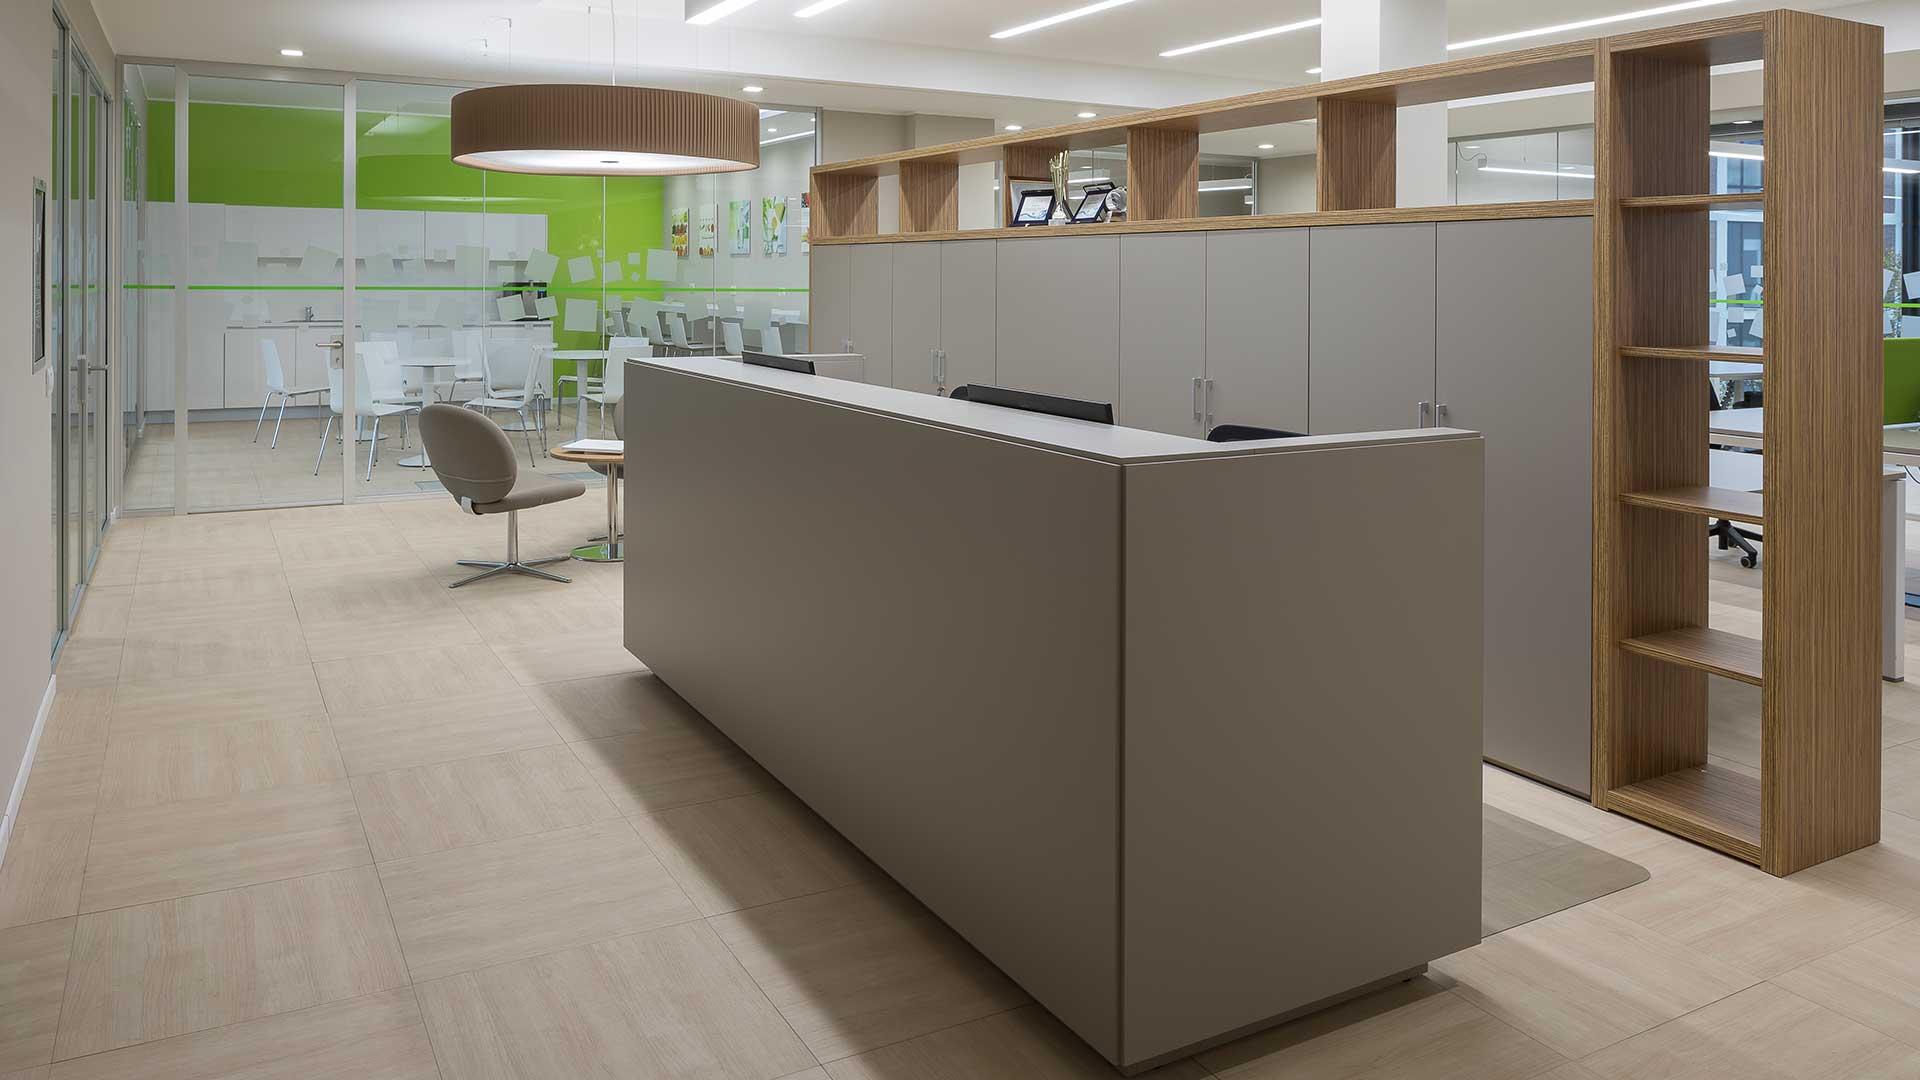 Tendenze-di-arredo-ufficio-2019_Worker-Centered-Design_Ecogenia